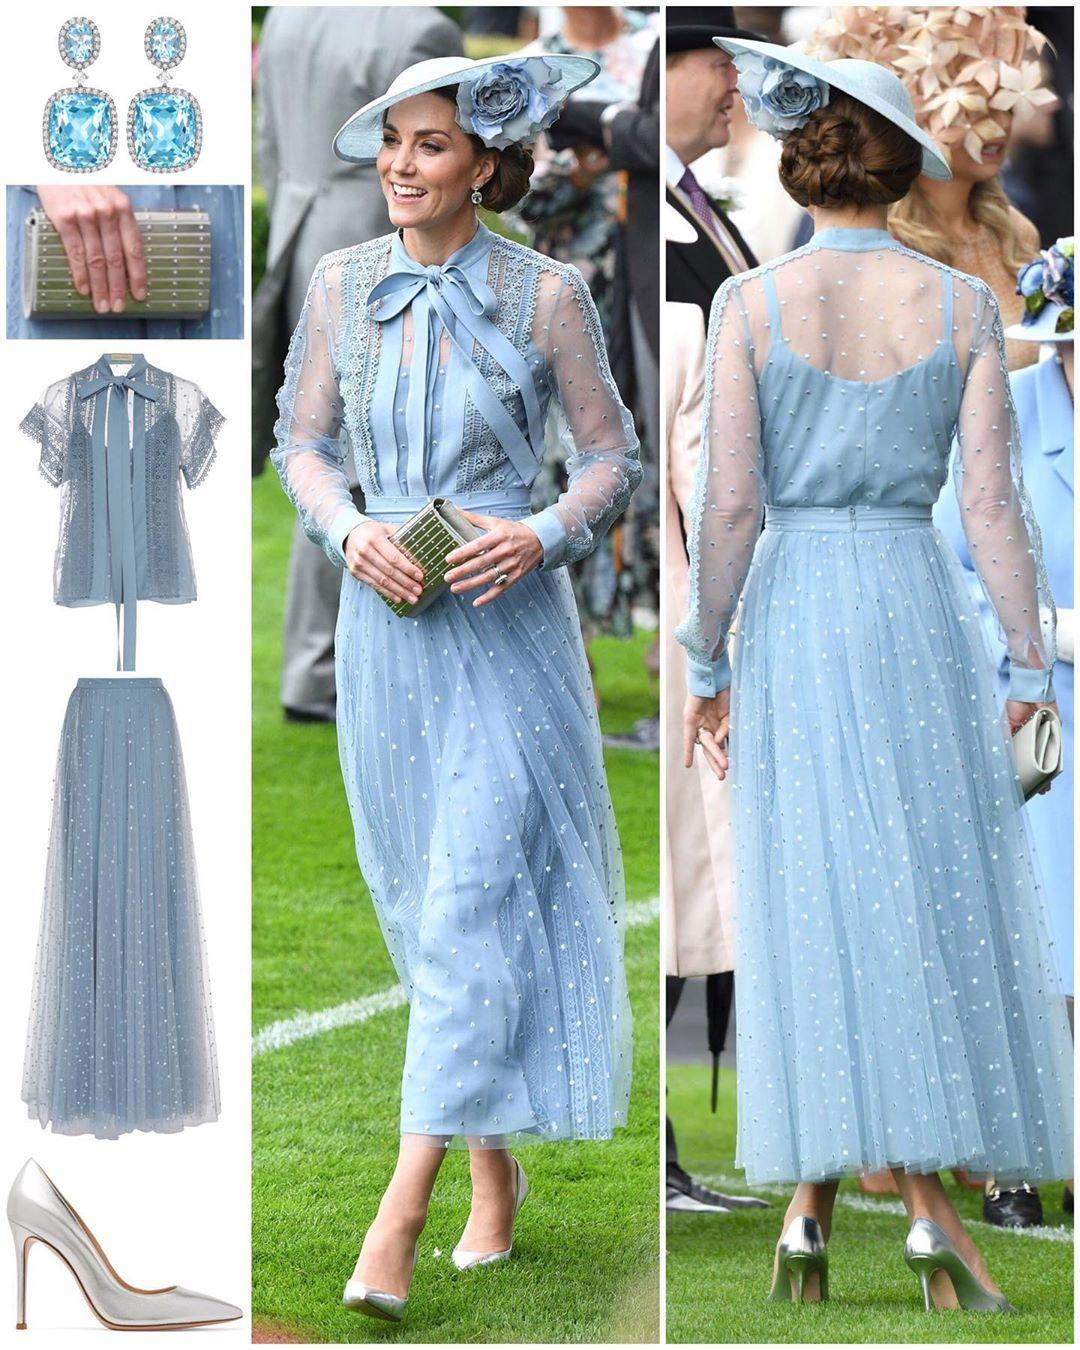 Cô khéo léo biến tấu từ thiết kế sơ mi tay ngắn trong bộ sưu tập Resort 2019 trở thành đồ tay dài thanh lịch, kín đáo. Thời điểm đó, bộ trang phục xanh ngọt ngào này từng giúp Kate tạo nên cơn sốt.